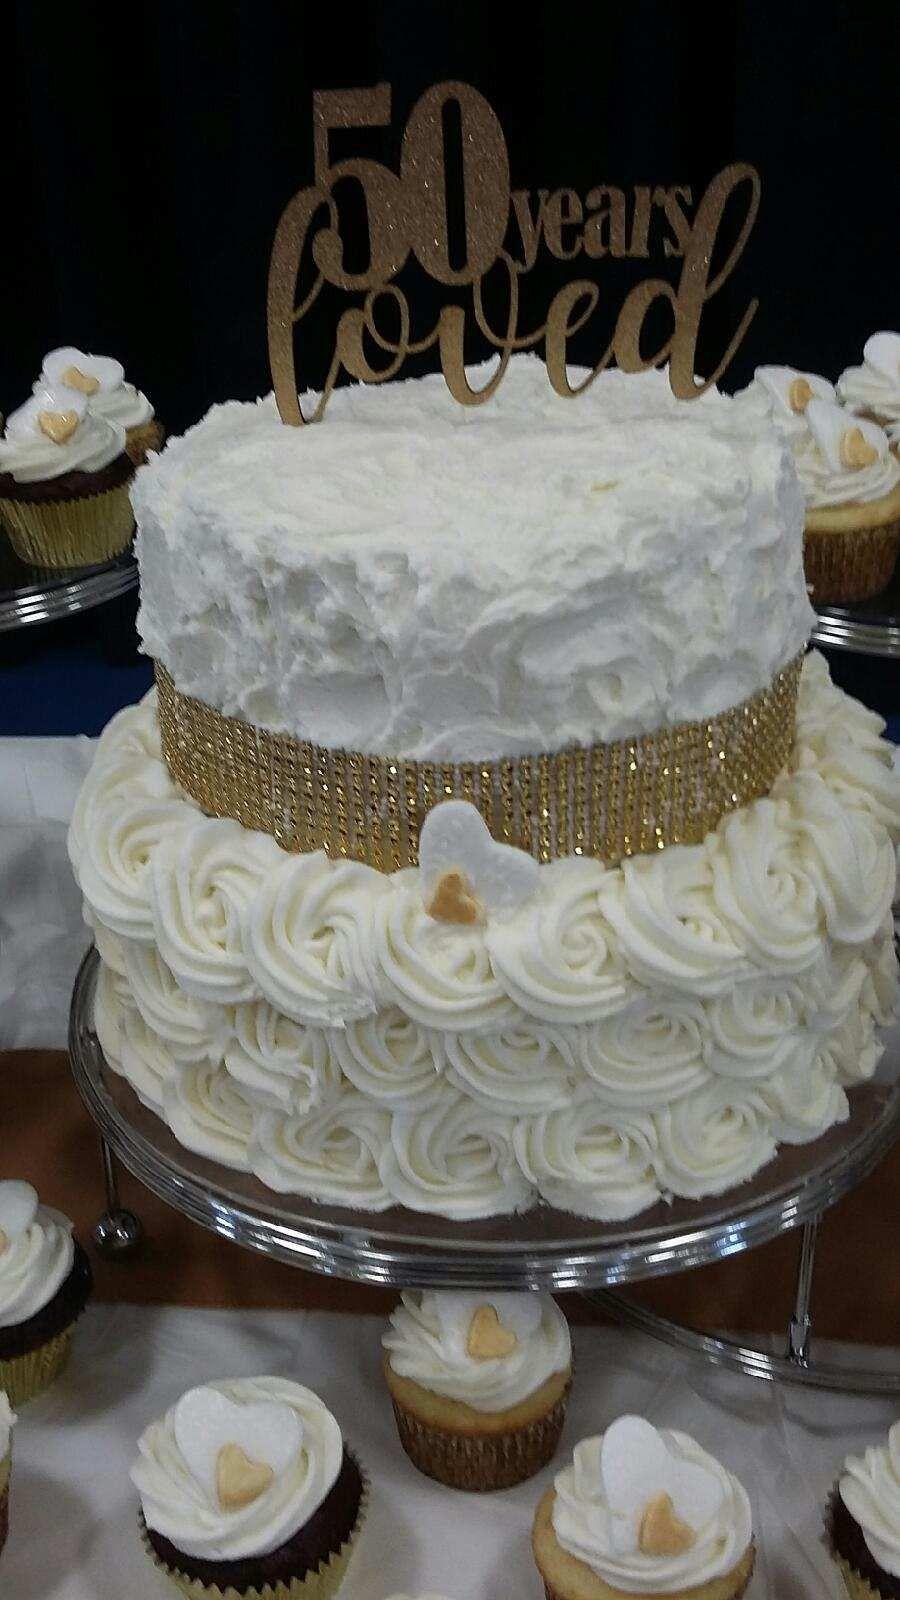 50th Anniversary cake 50th wedding anniversary cakes